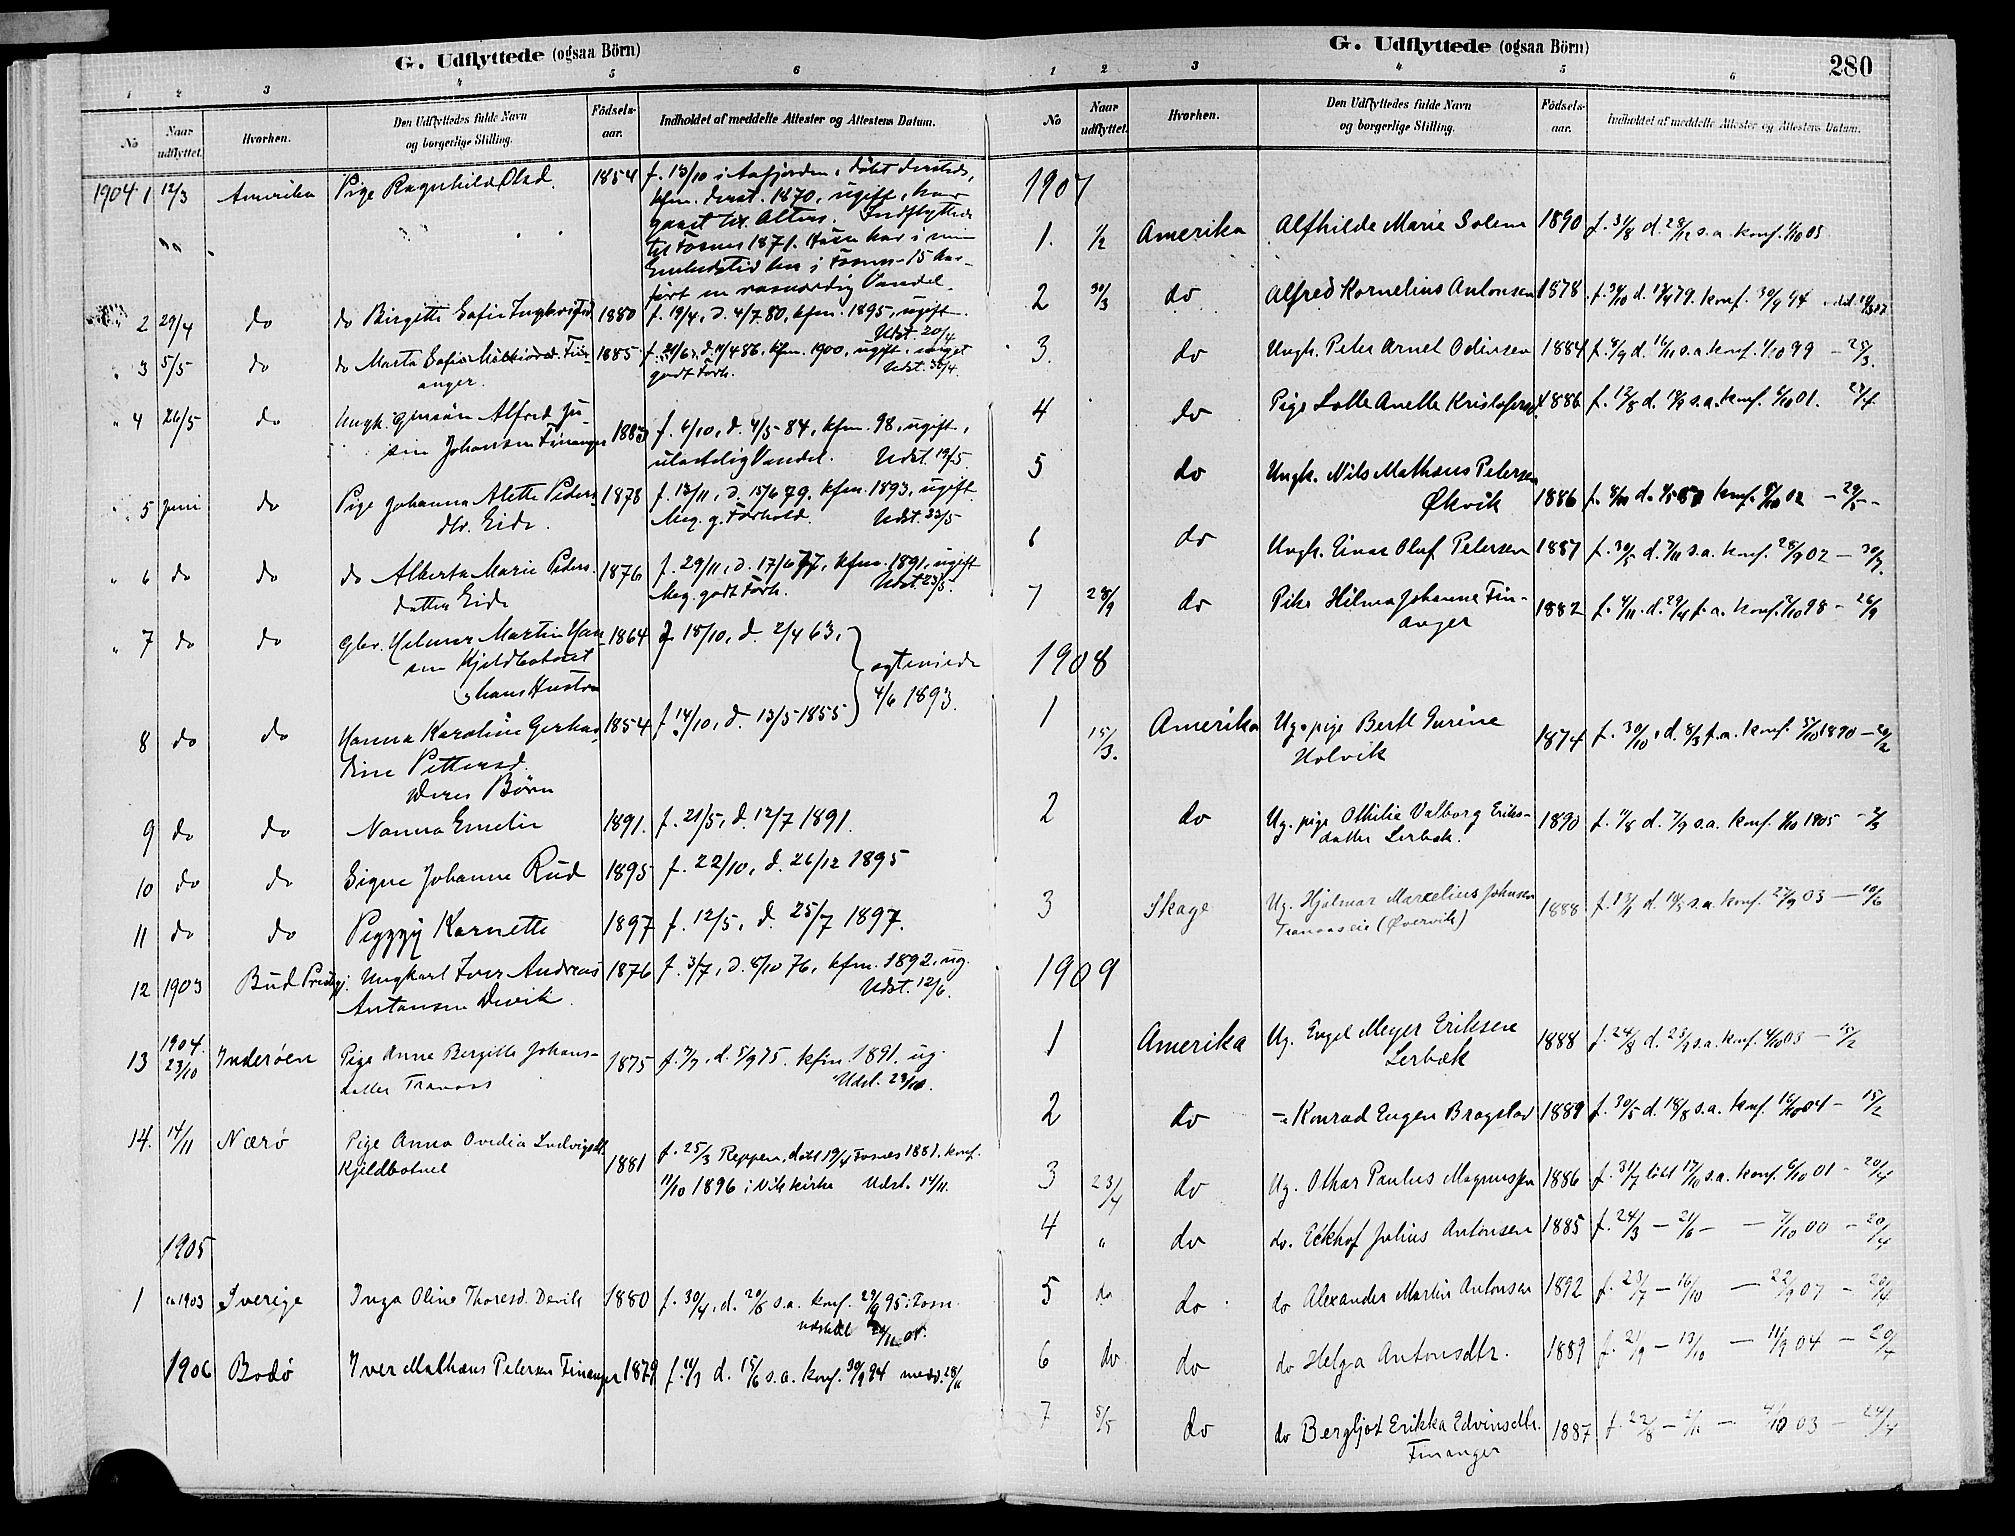 SAT, Ministerialprotokoller, klokkerbøker og fødselsregistre - Nord-Trøndelag, 773/L0617: Ministerialbok nr. 773A08, 1887-1910, s. 280